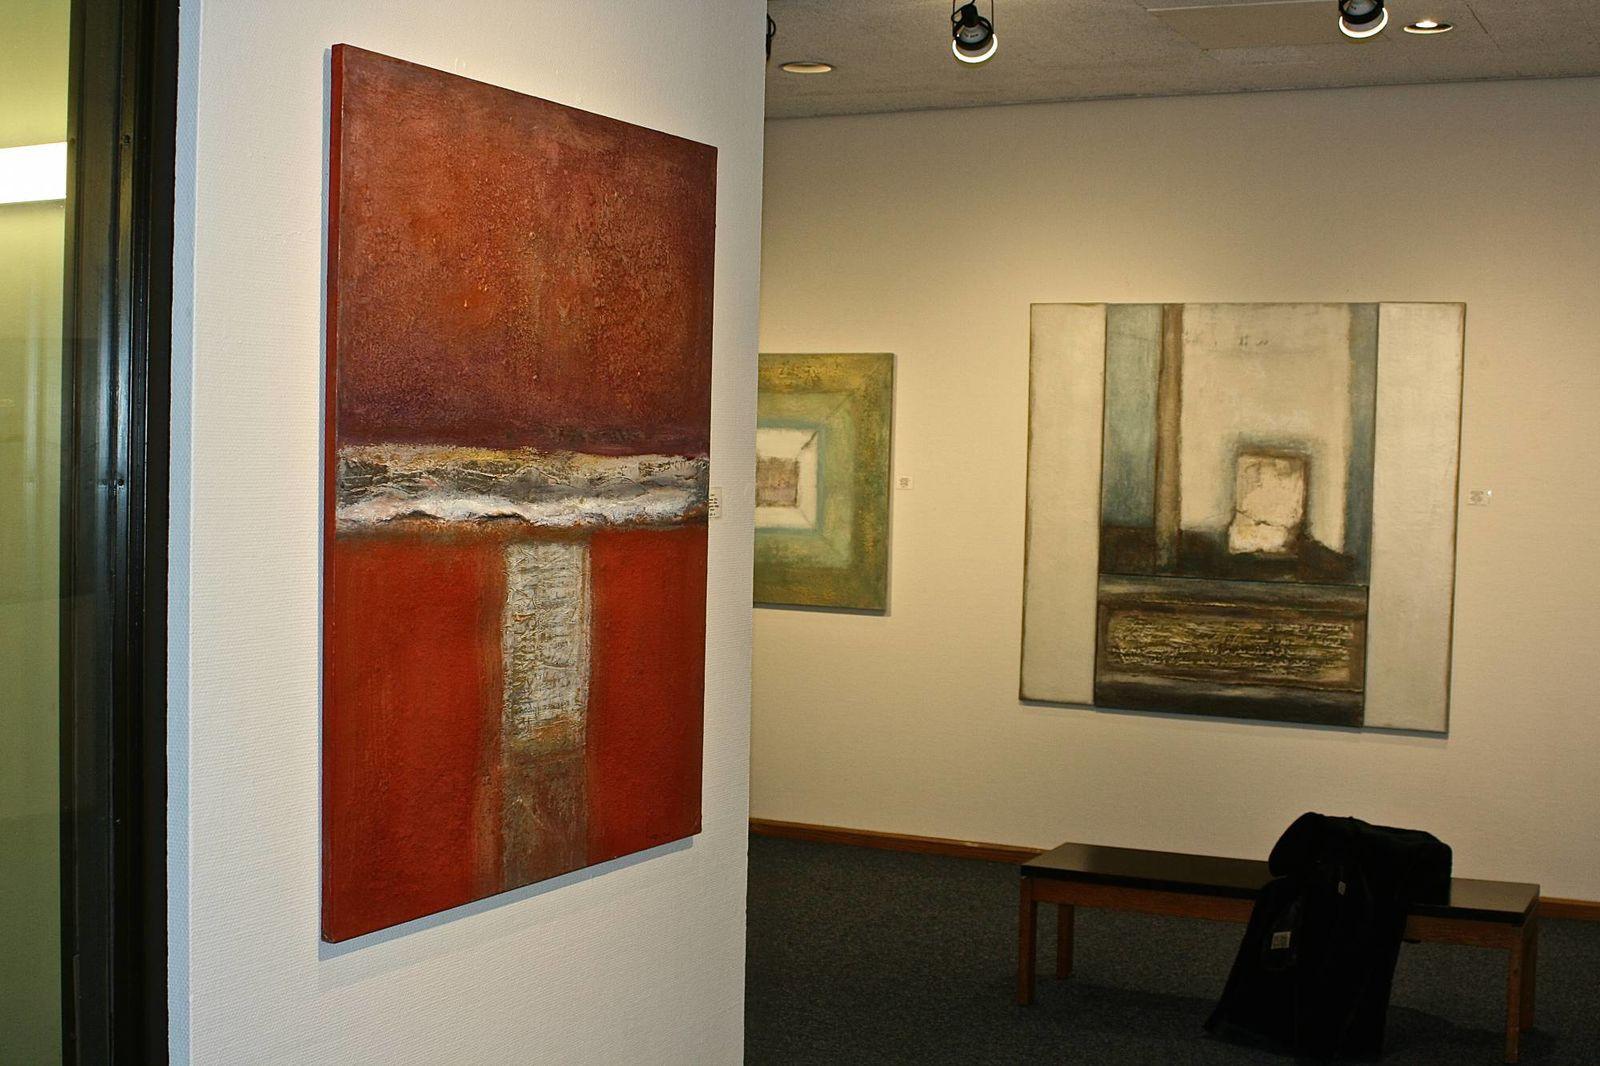 Ausstellung in St.Louis, USA